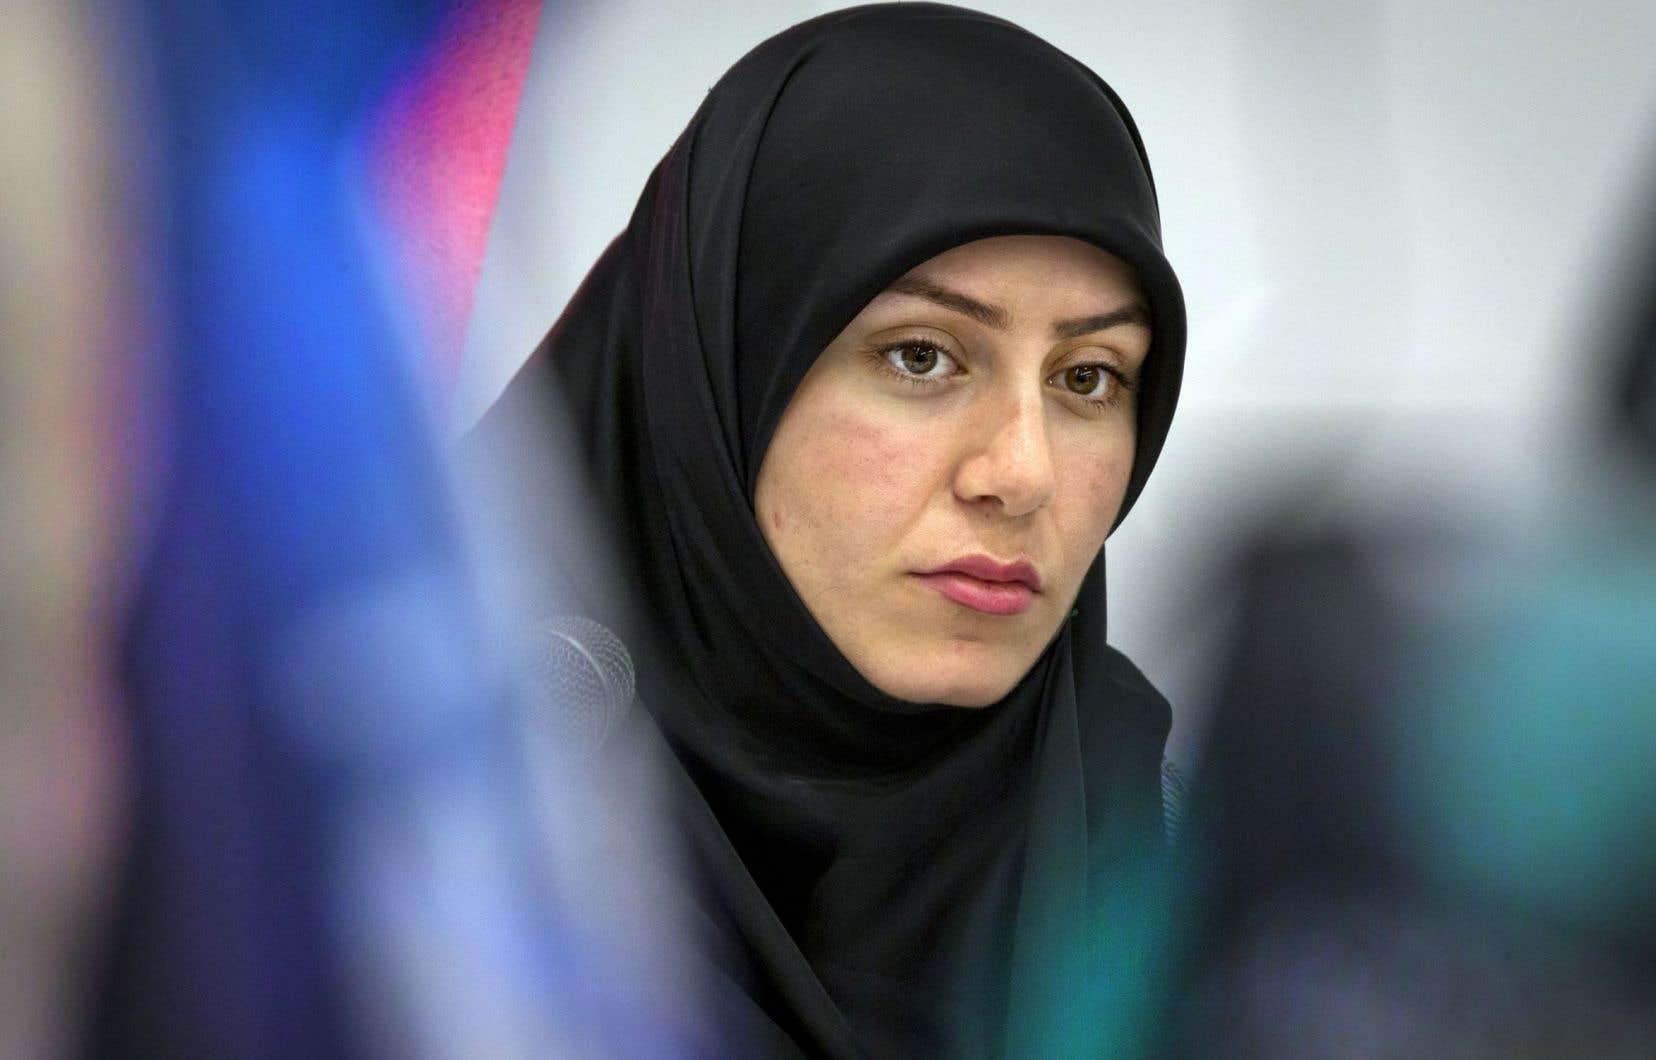 «On ne dit pas que les Québécois en tant qu'individus sont racistes», a souligné Essraa Daoui.